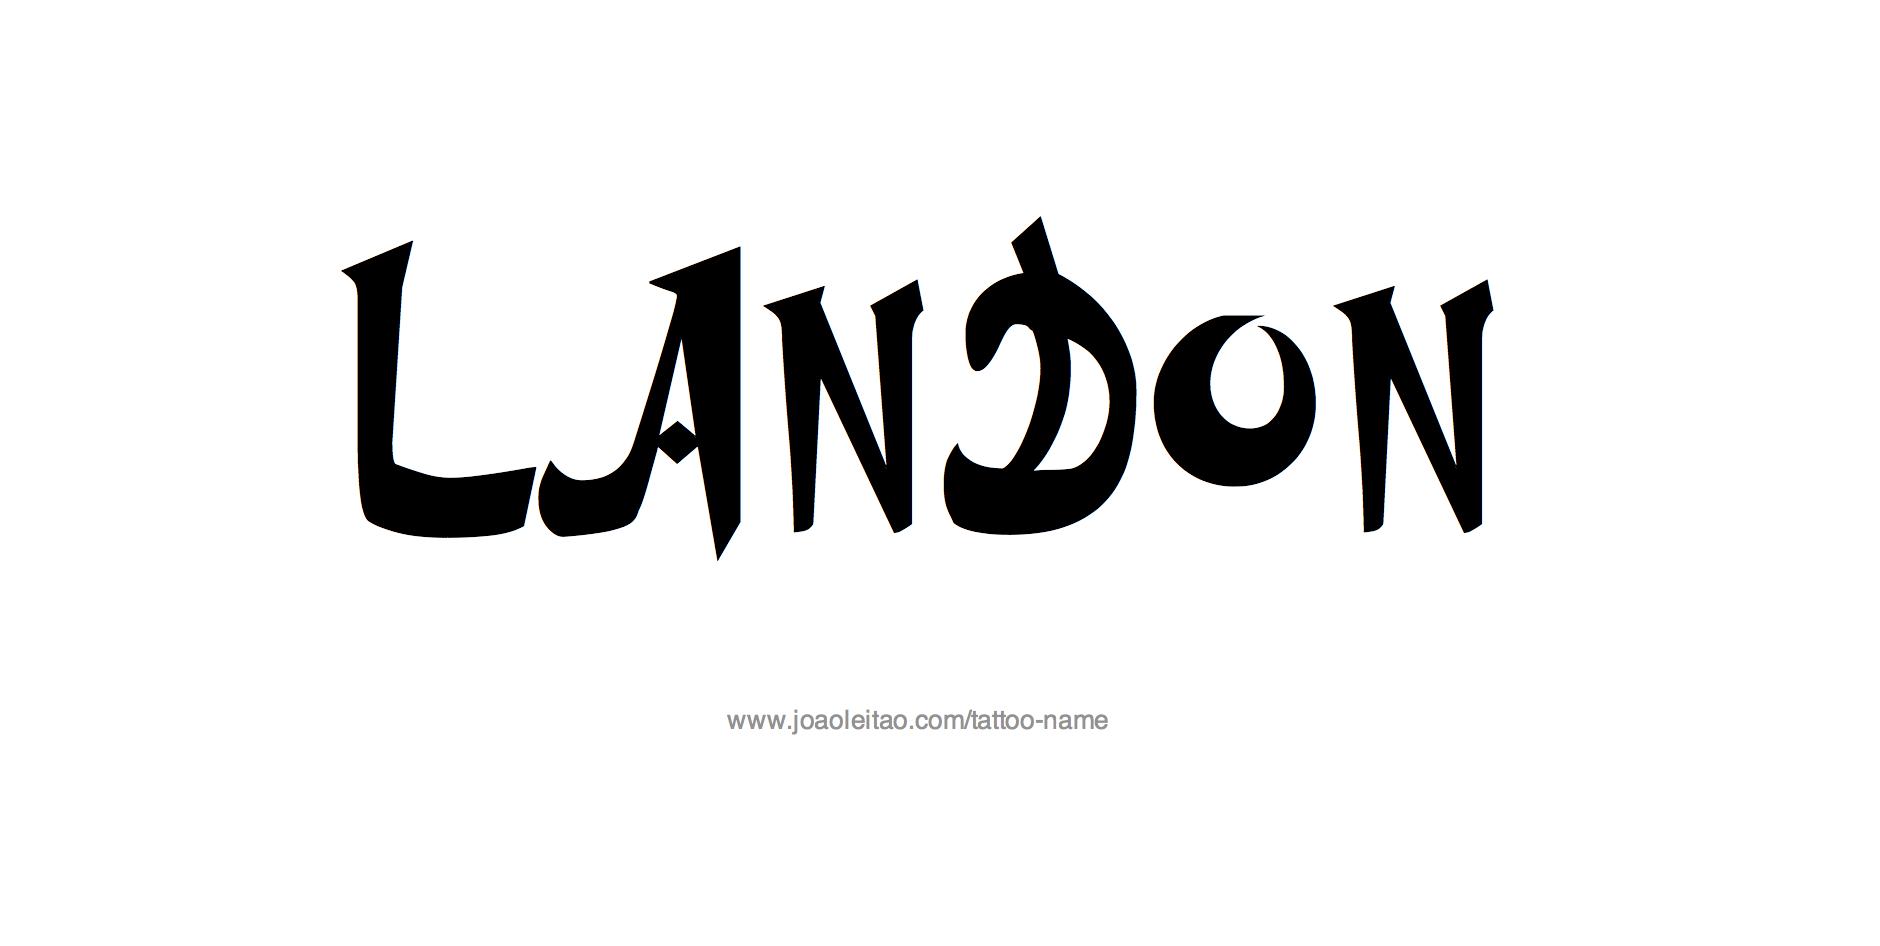 Name: Landon Name Tattoo Designs